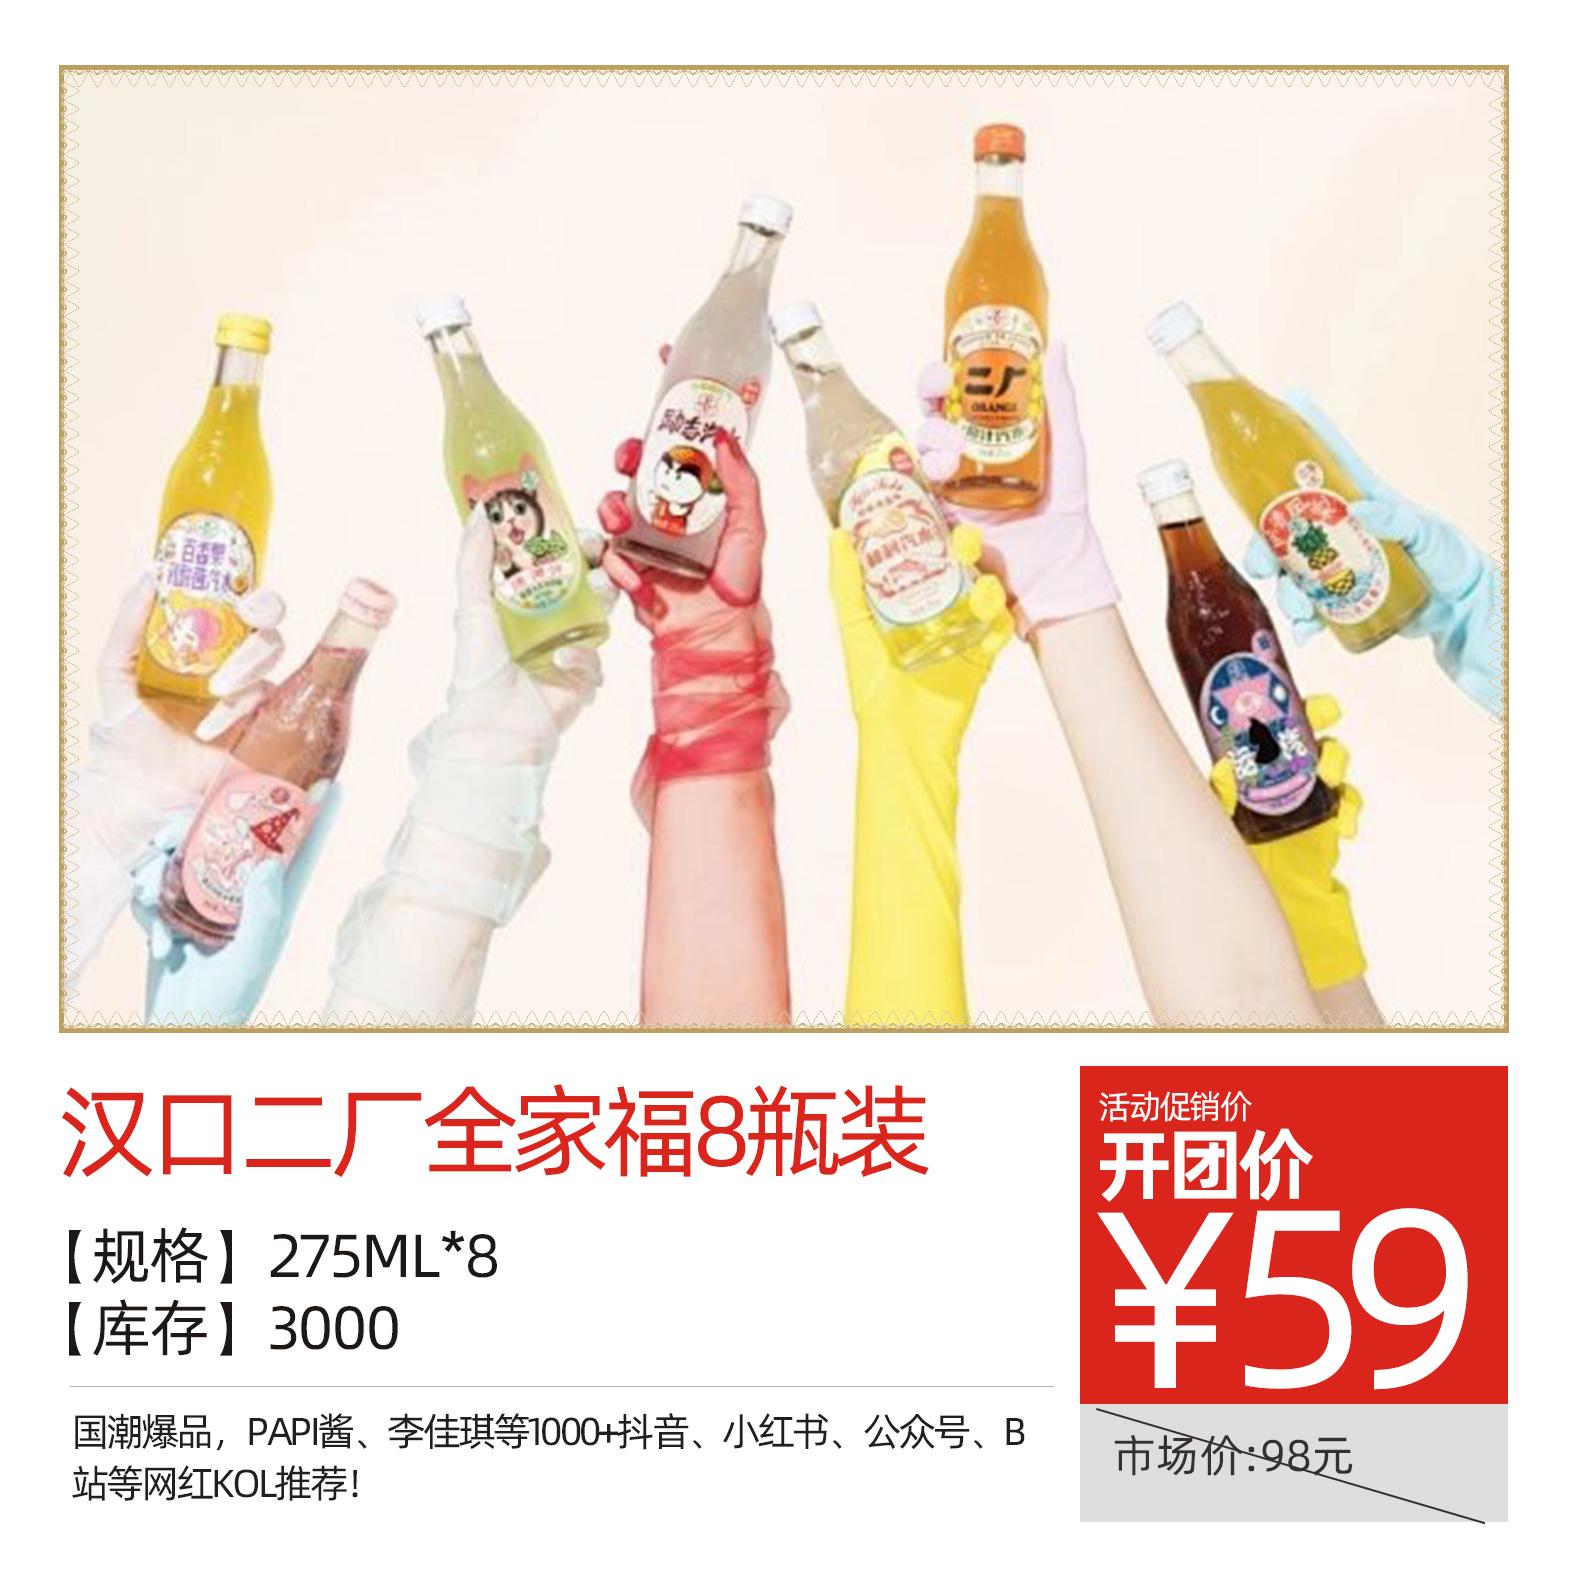 汉口二厂HANKOW ER CHANG 全家福8瓶装